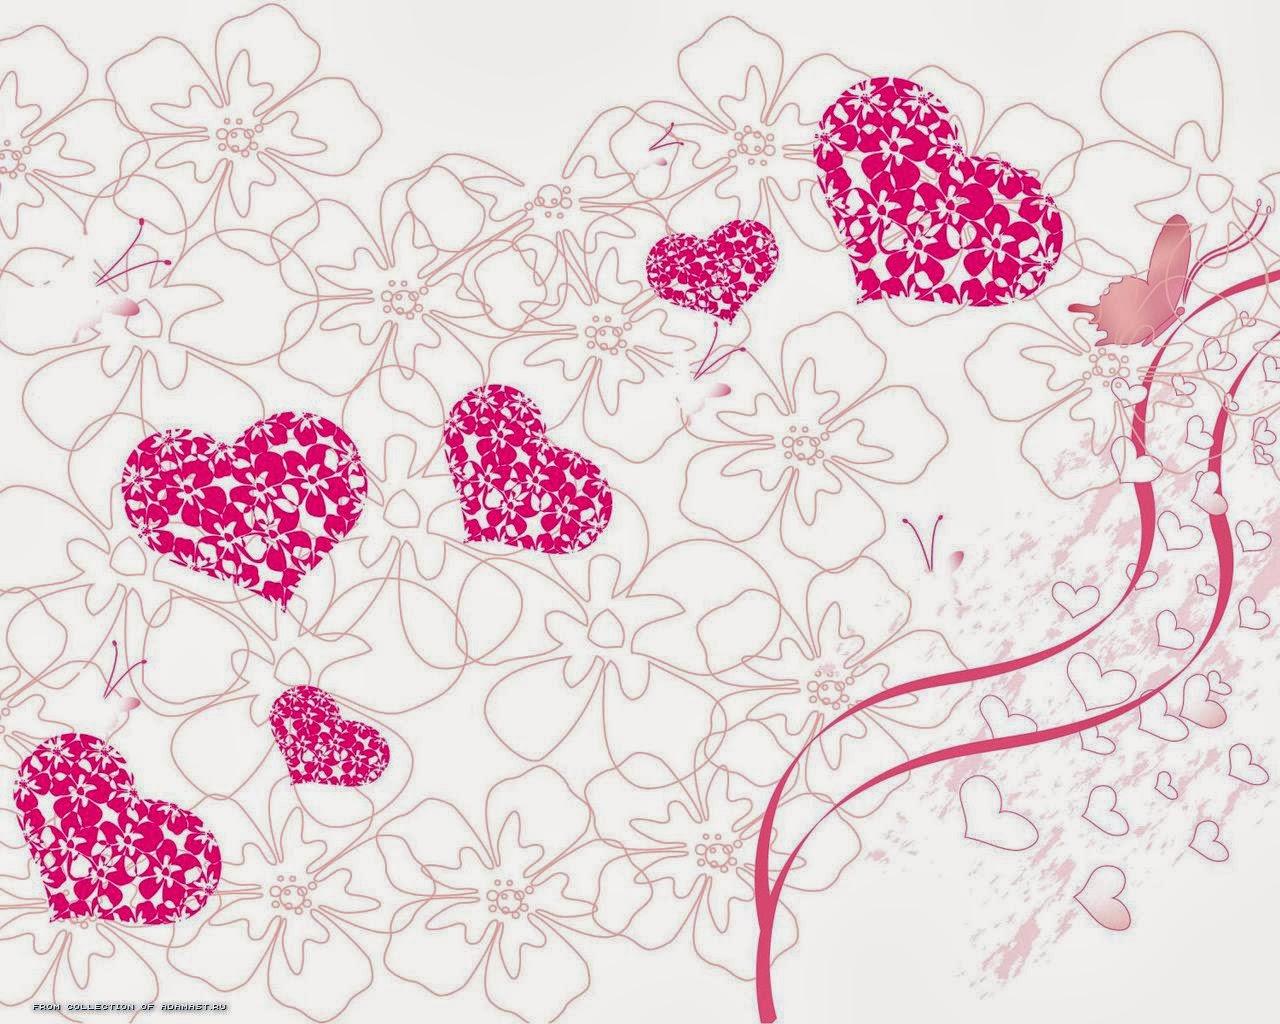 Imagenes de san valentin 2013 fondos de pantalla hd auto - Corazones de san valentin ...